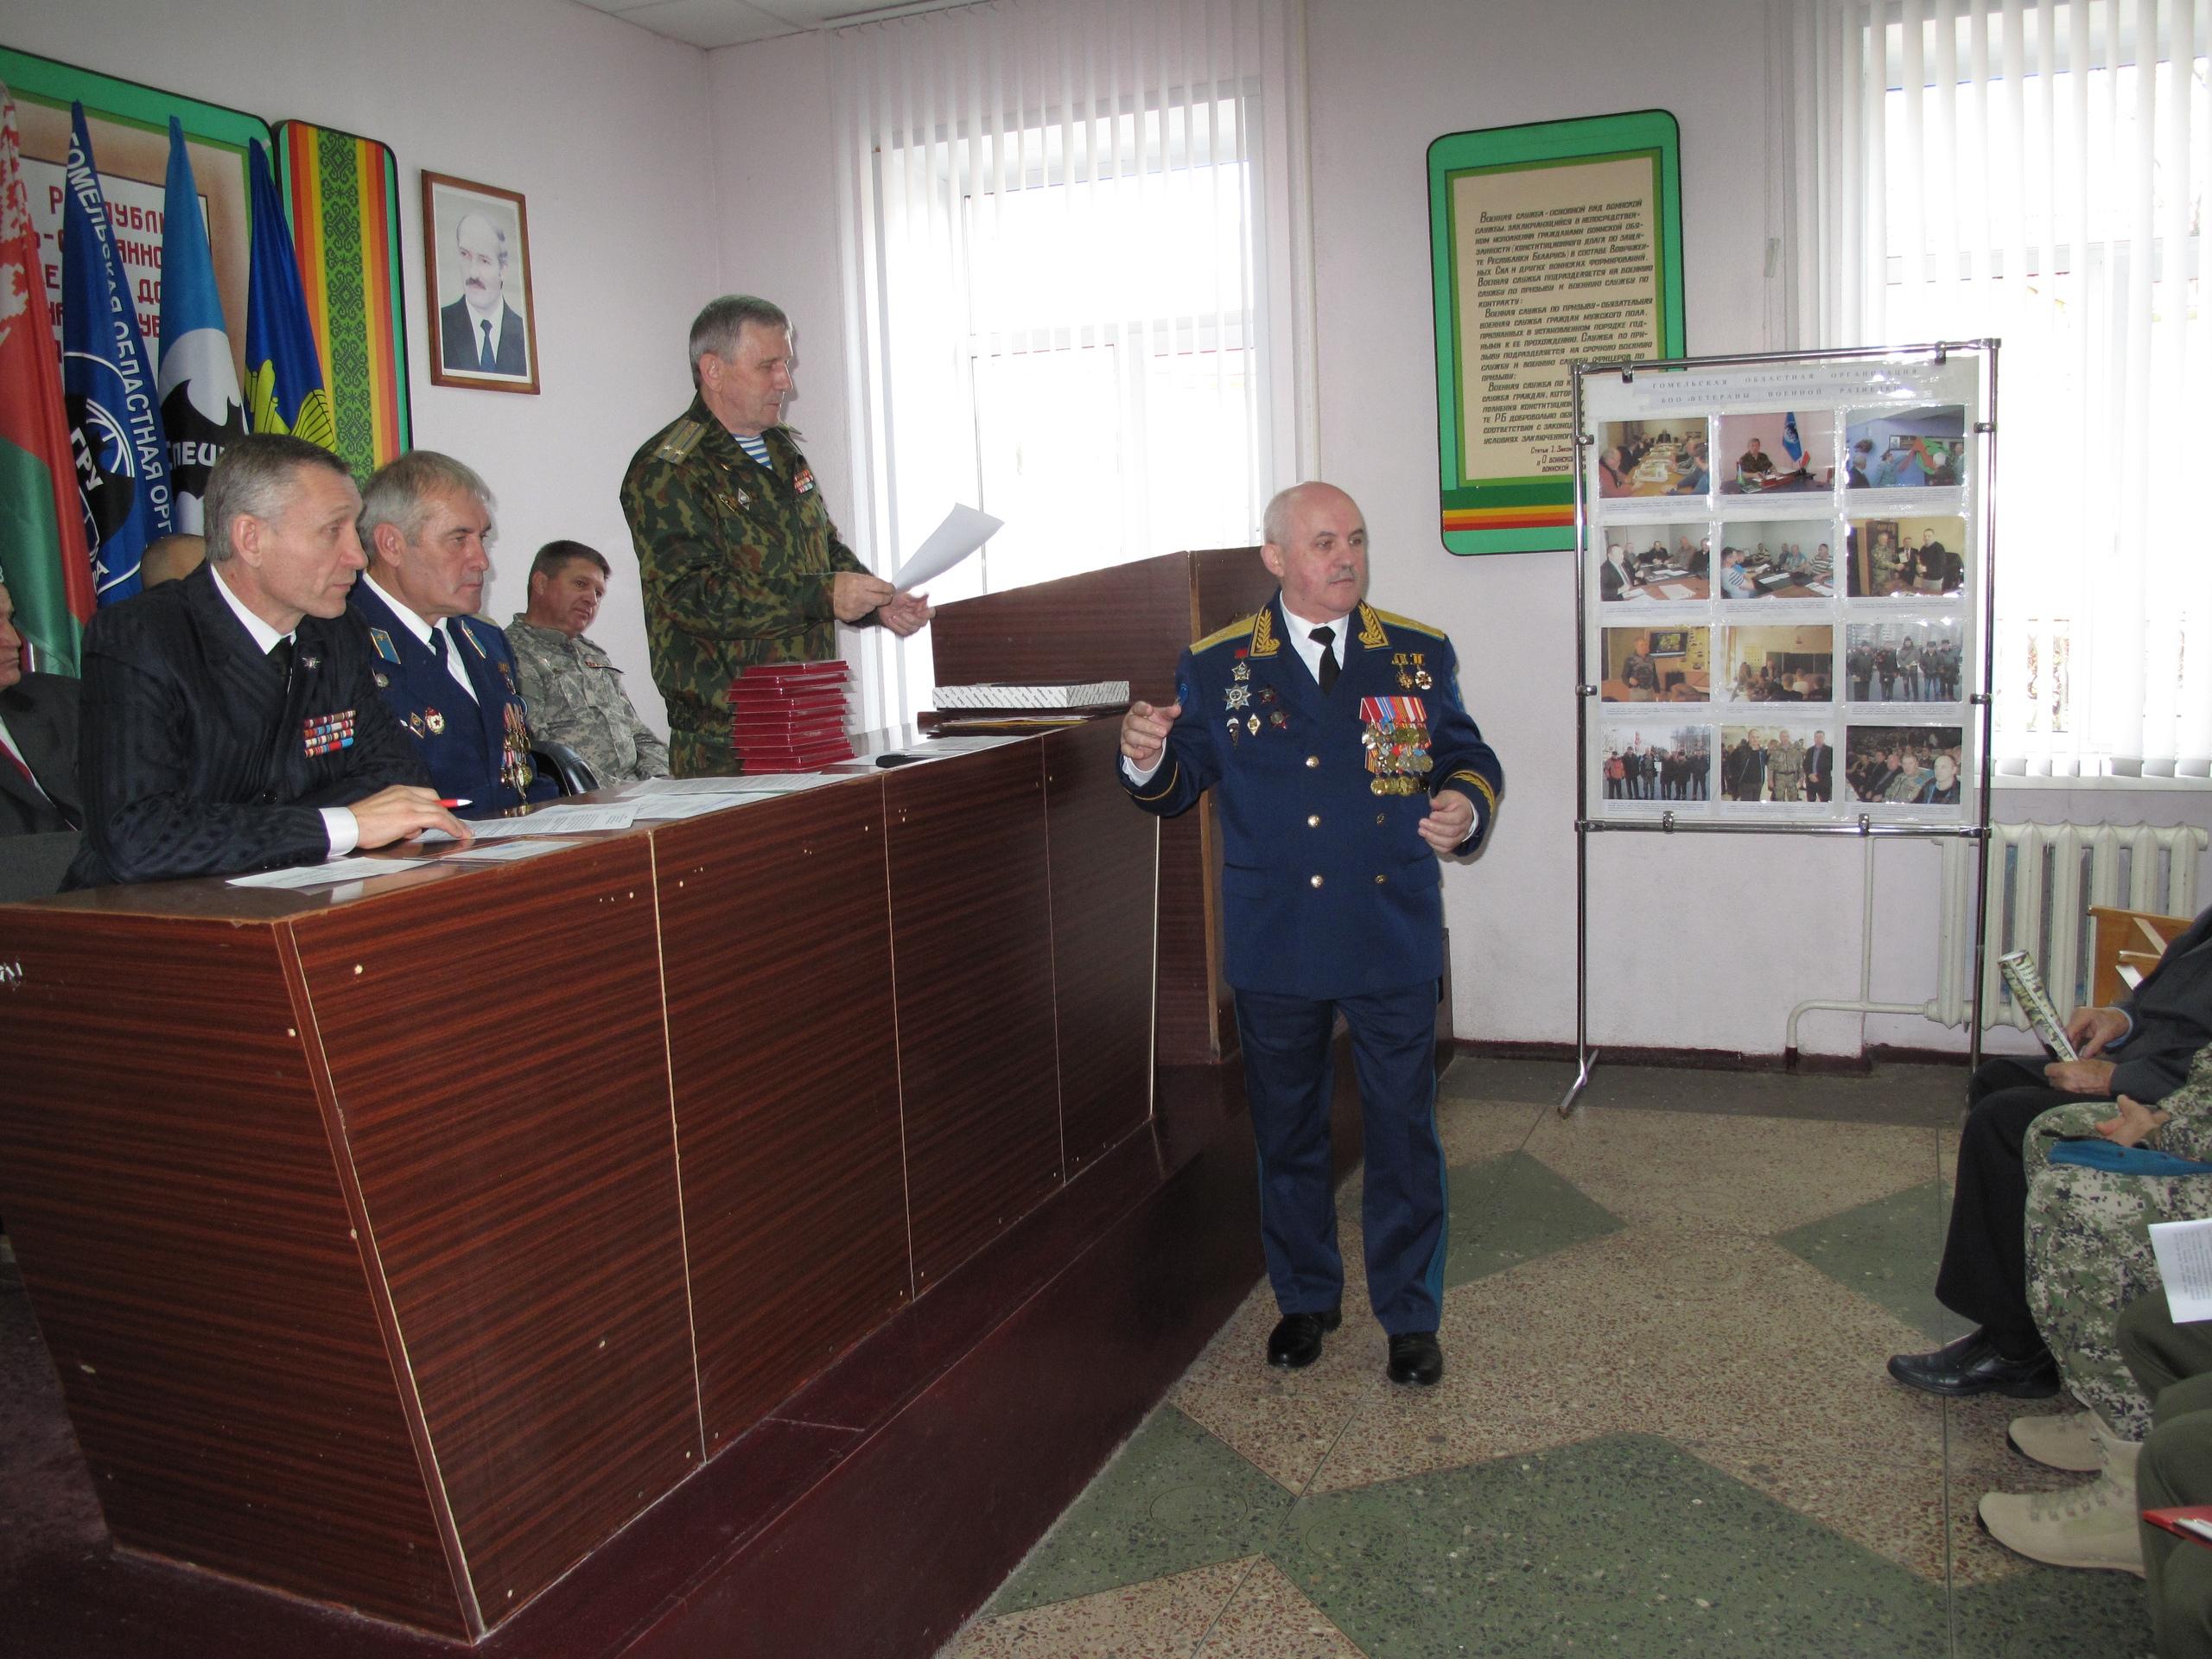 Генерал-майор Тишин Е.В. перед вручением памятных знаков 100 лет ГРУ ГШ РФ ветеранам военной разведки